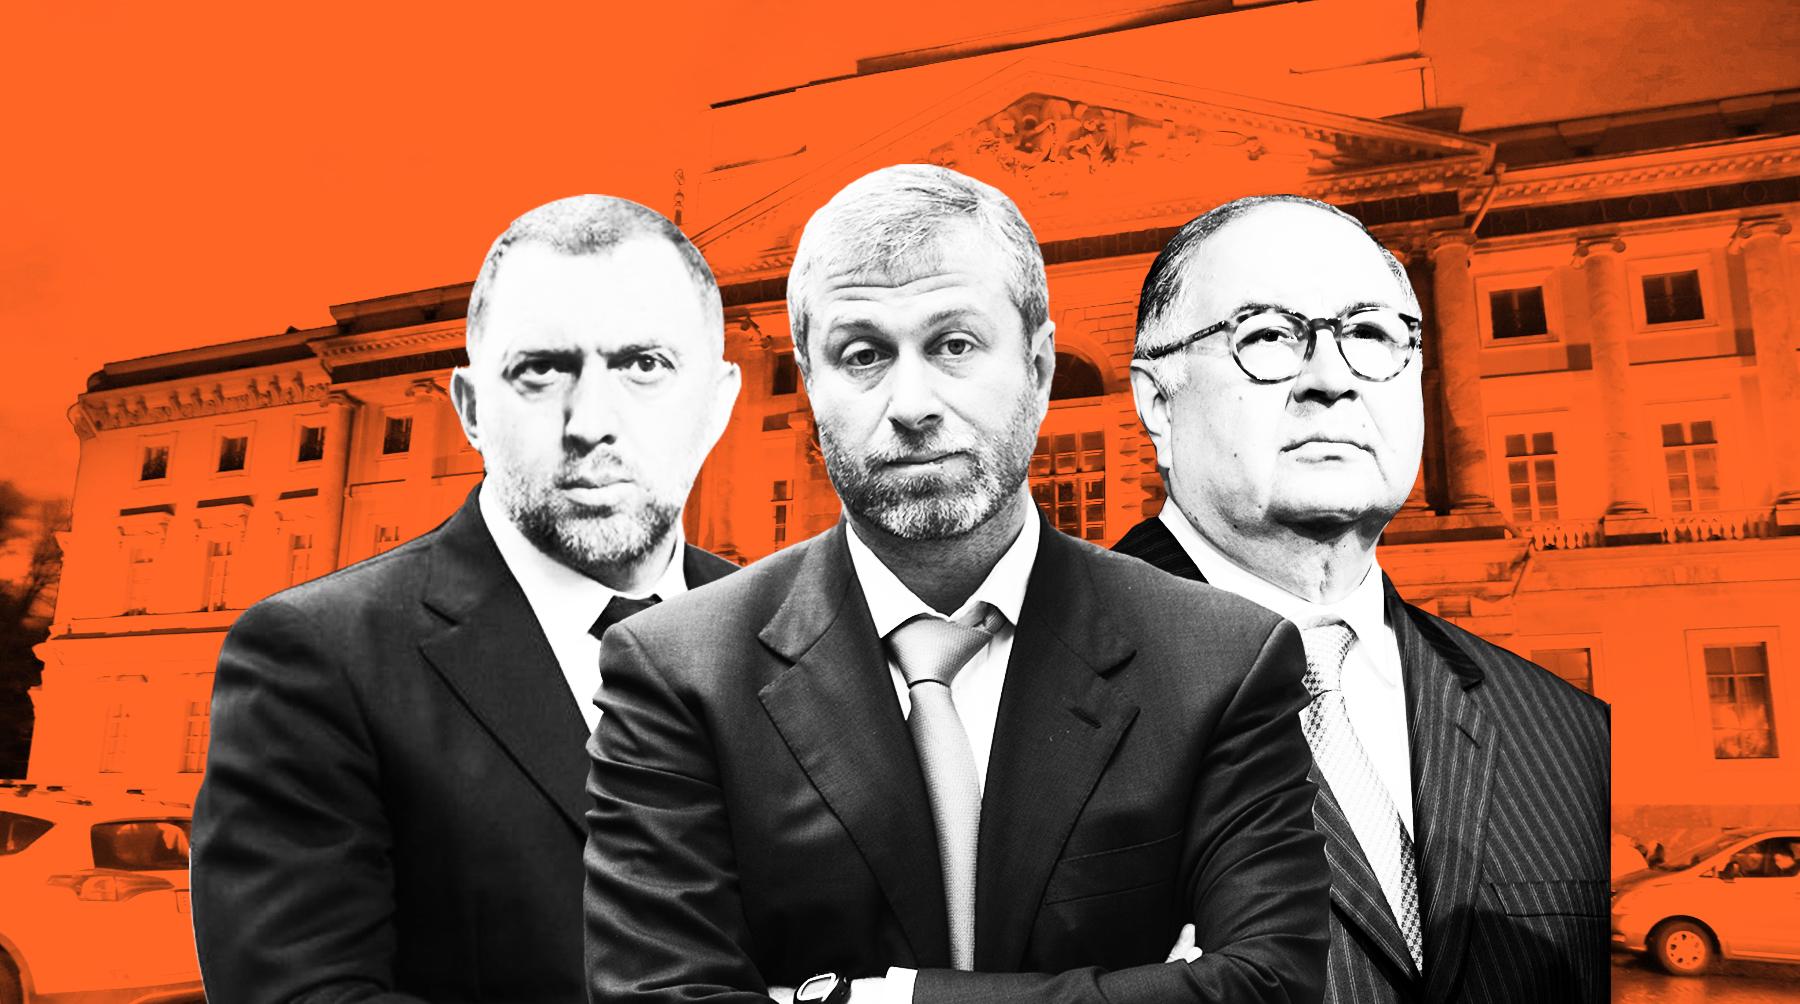 Отожмут по-английски. Кто из российских олигархов может пострадать от  санкций Британии? — Daily Storm